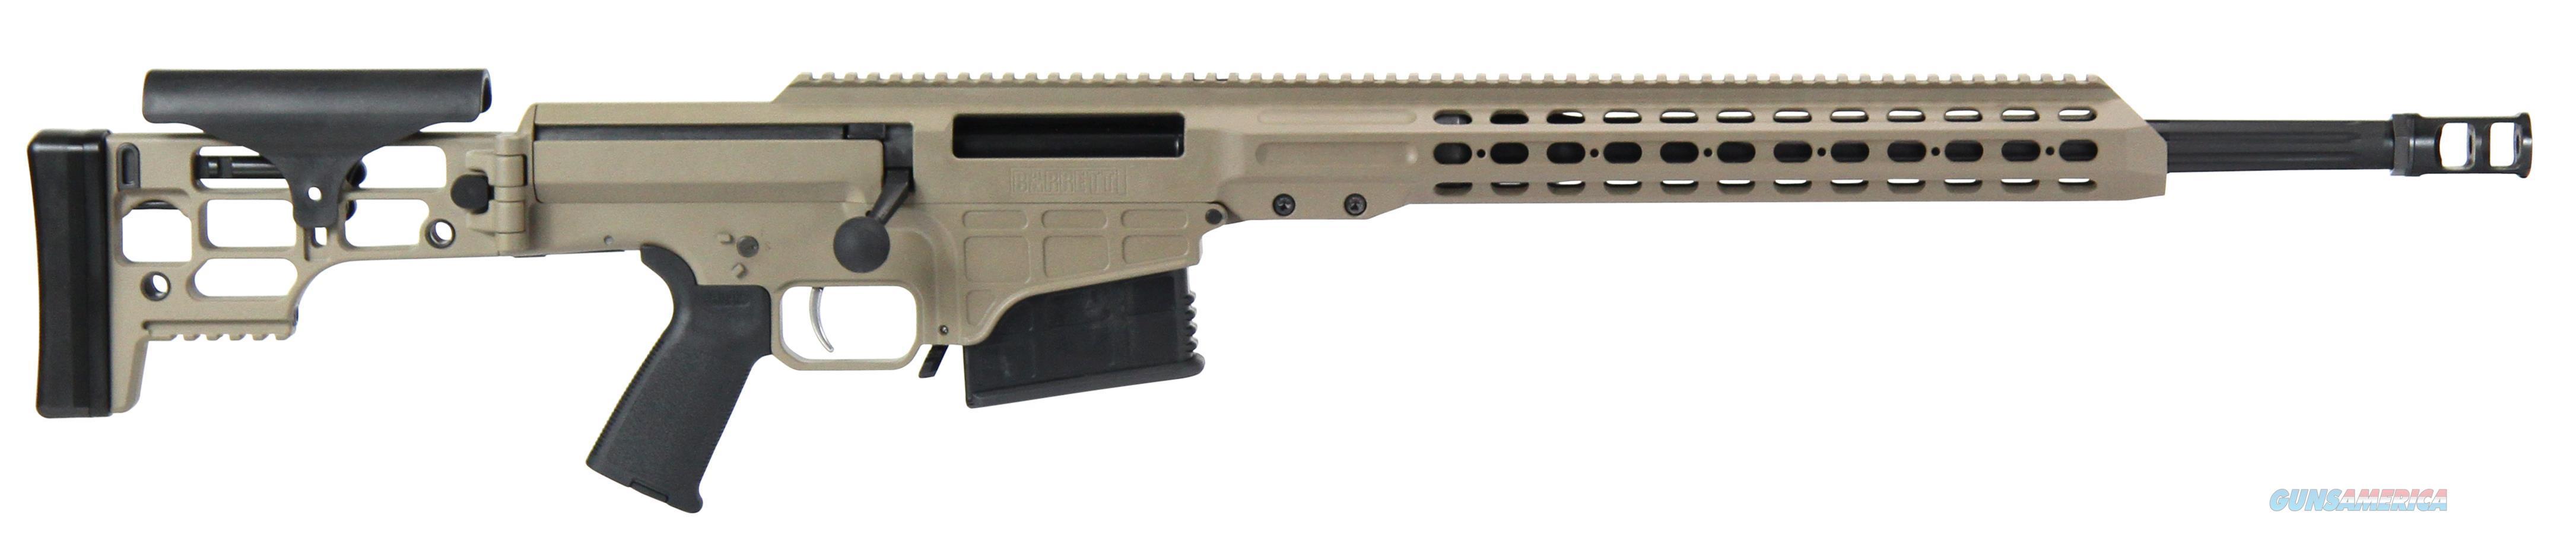 """Barrett 14364 Mrad 308 Winchester 22"""" 10+1 Folding Flat Dark Earth Stk Fde/Blk 14364  Guns > Rifles > Barrett Rifles"""